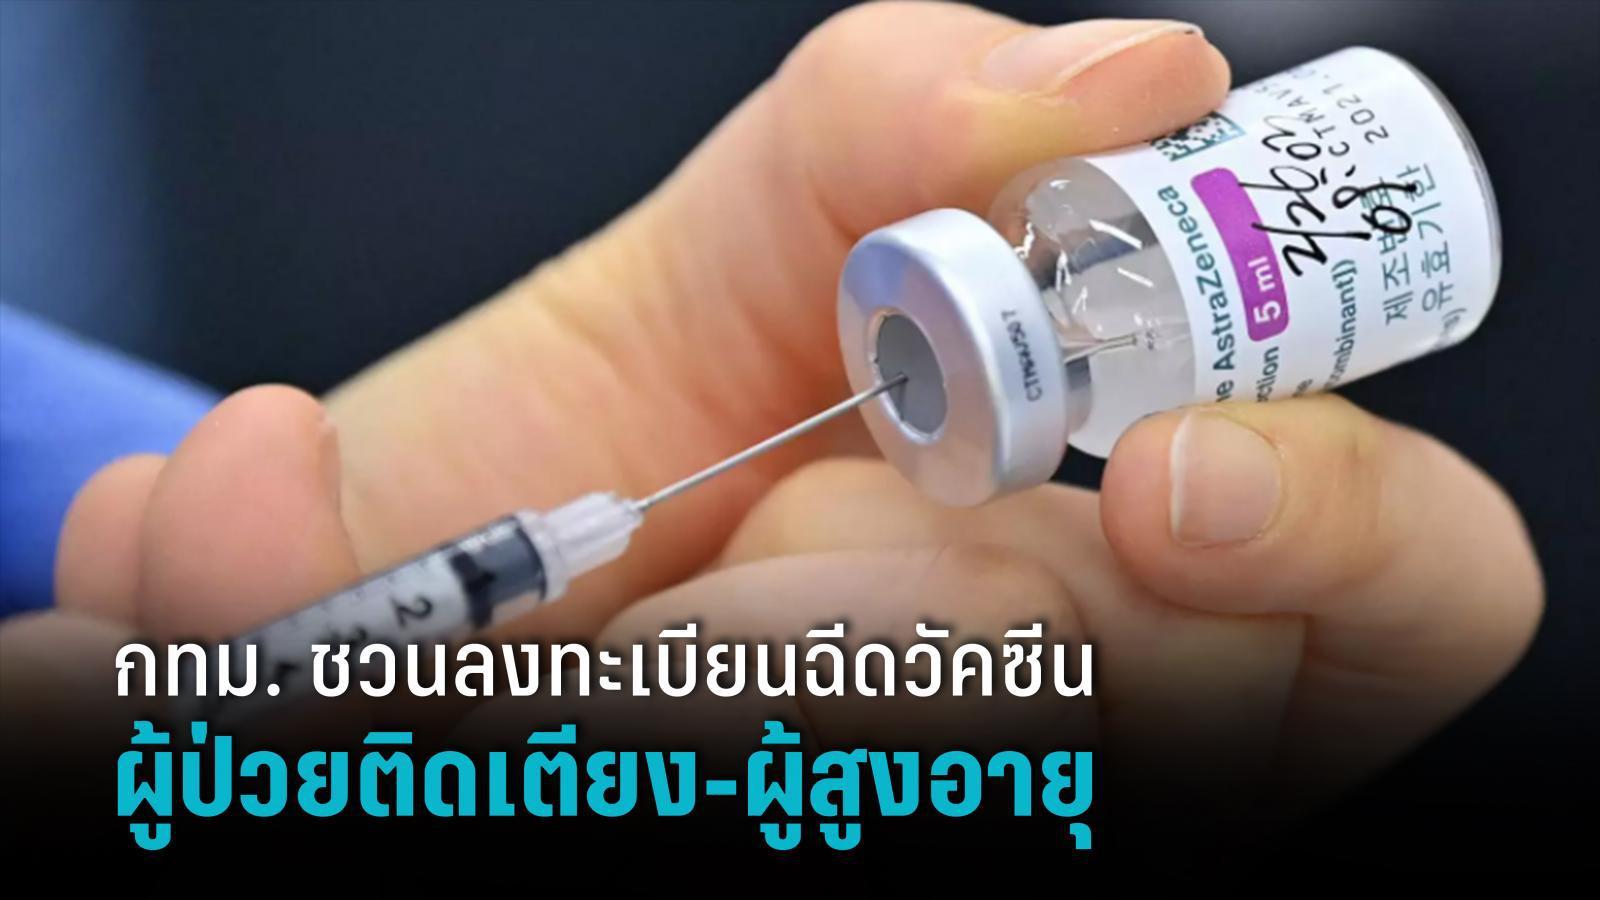 """กทม. ชวนลงทะเบียนฉีดวัคซีนโควิด-19 """"ผู้ป่วยติดเตียง-ผู้สูงอายุ"""" มีทีมสาธารณสุขฉีดให้ถึงบ้าน"""